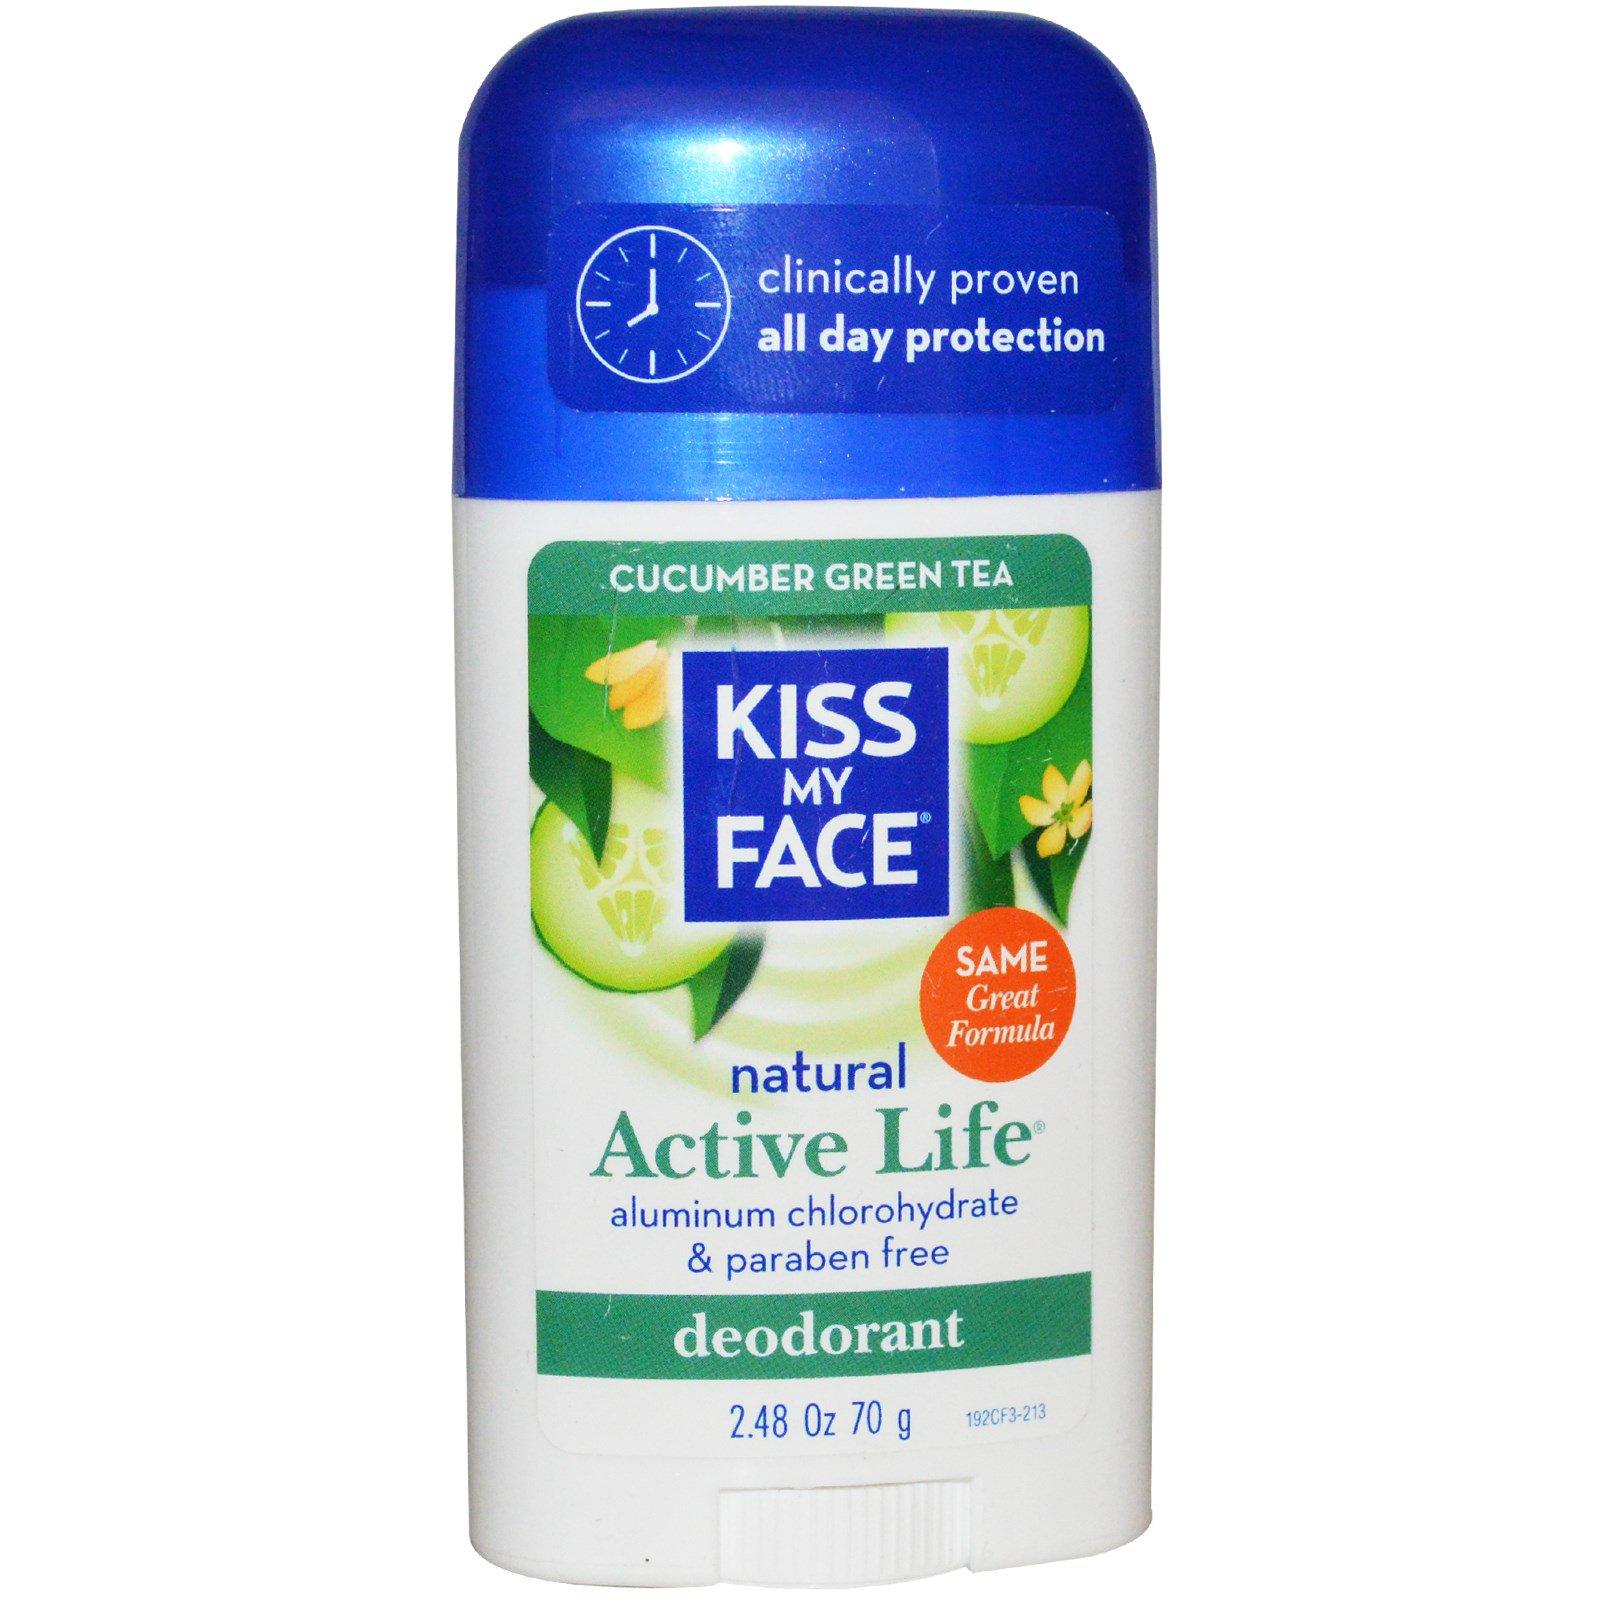 Kiss My Face, Натуральный дезодорант для активной жизни, огурец и зеленый чай, 2,48 унции (70 гр)